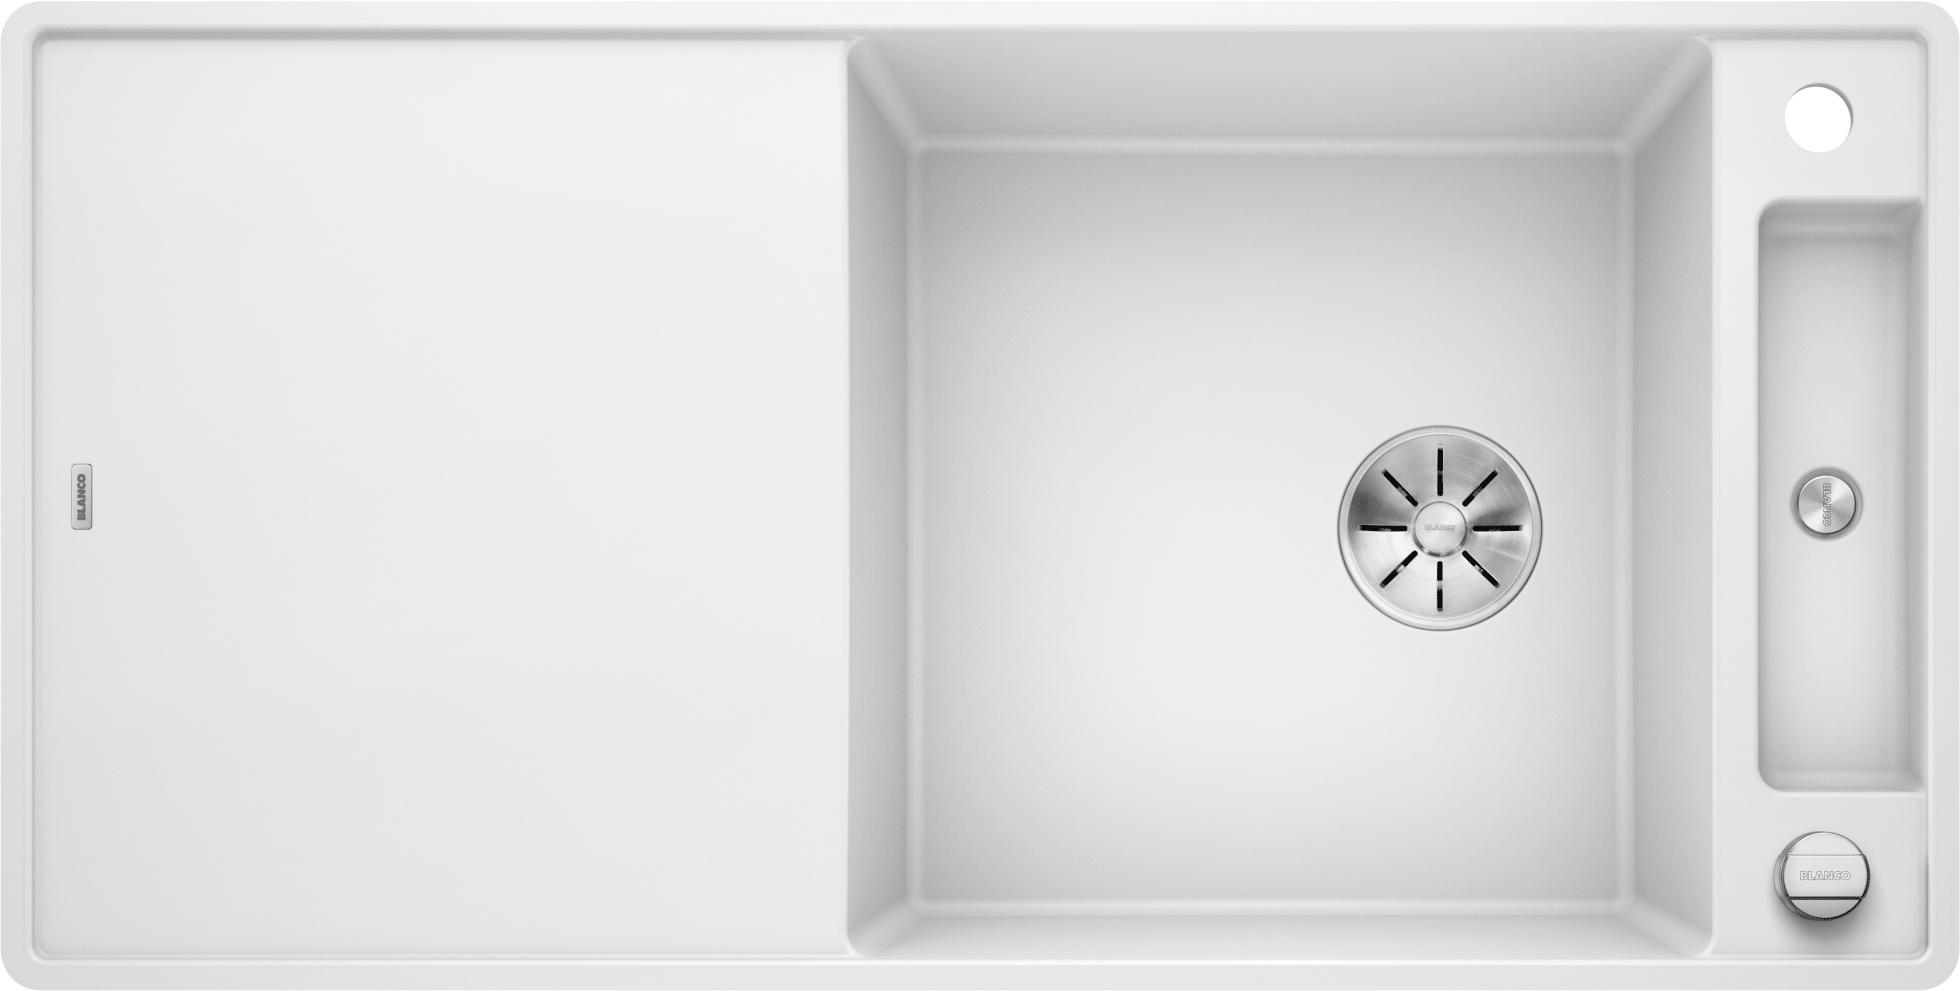 Blanco Axia Iii Spule Xl 6 S F Silgranit Puradur Mit Ablauffernbedienung Reversibel Weiss